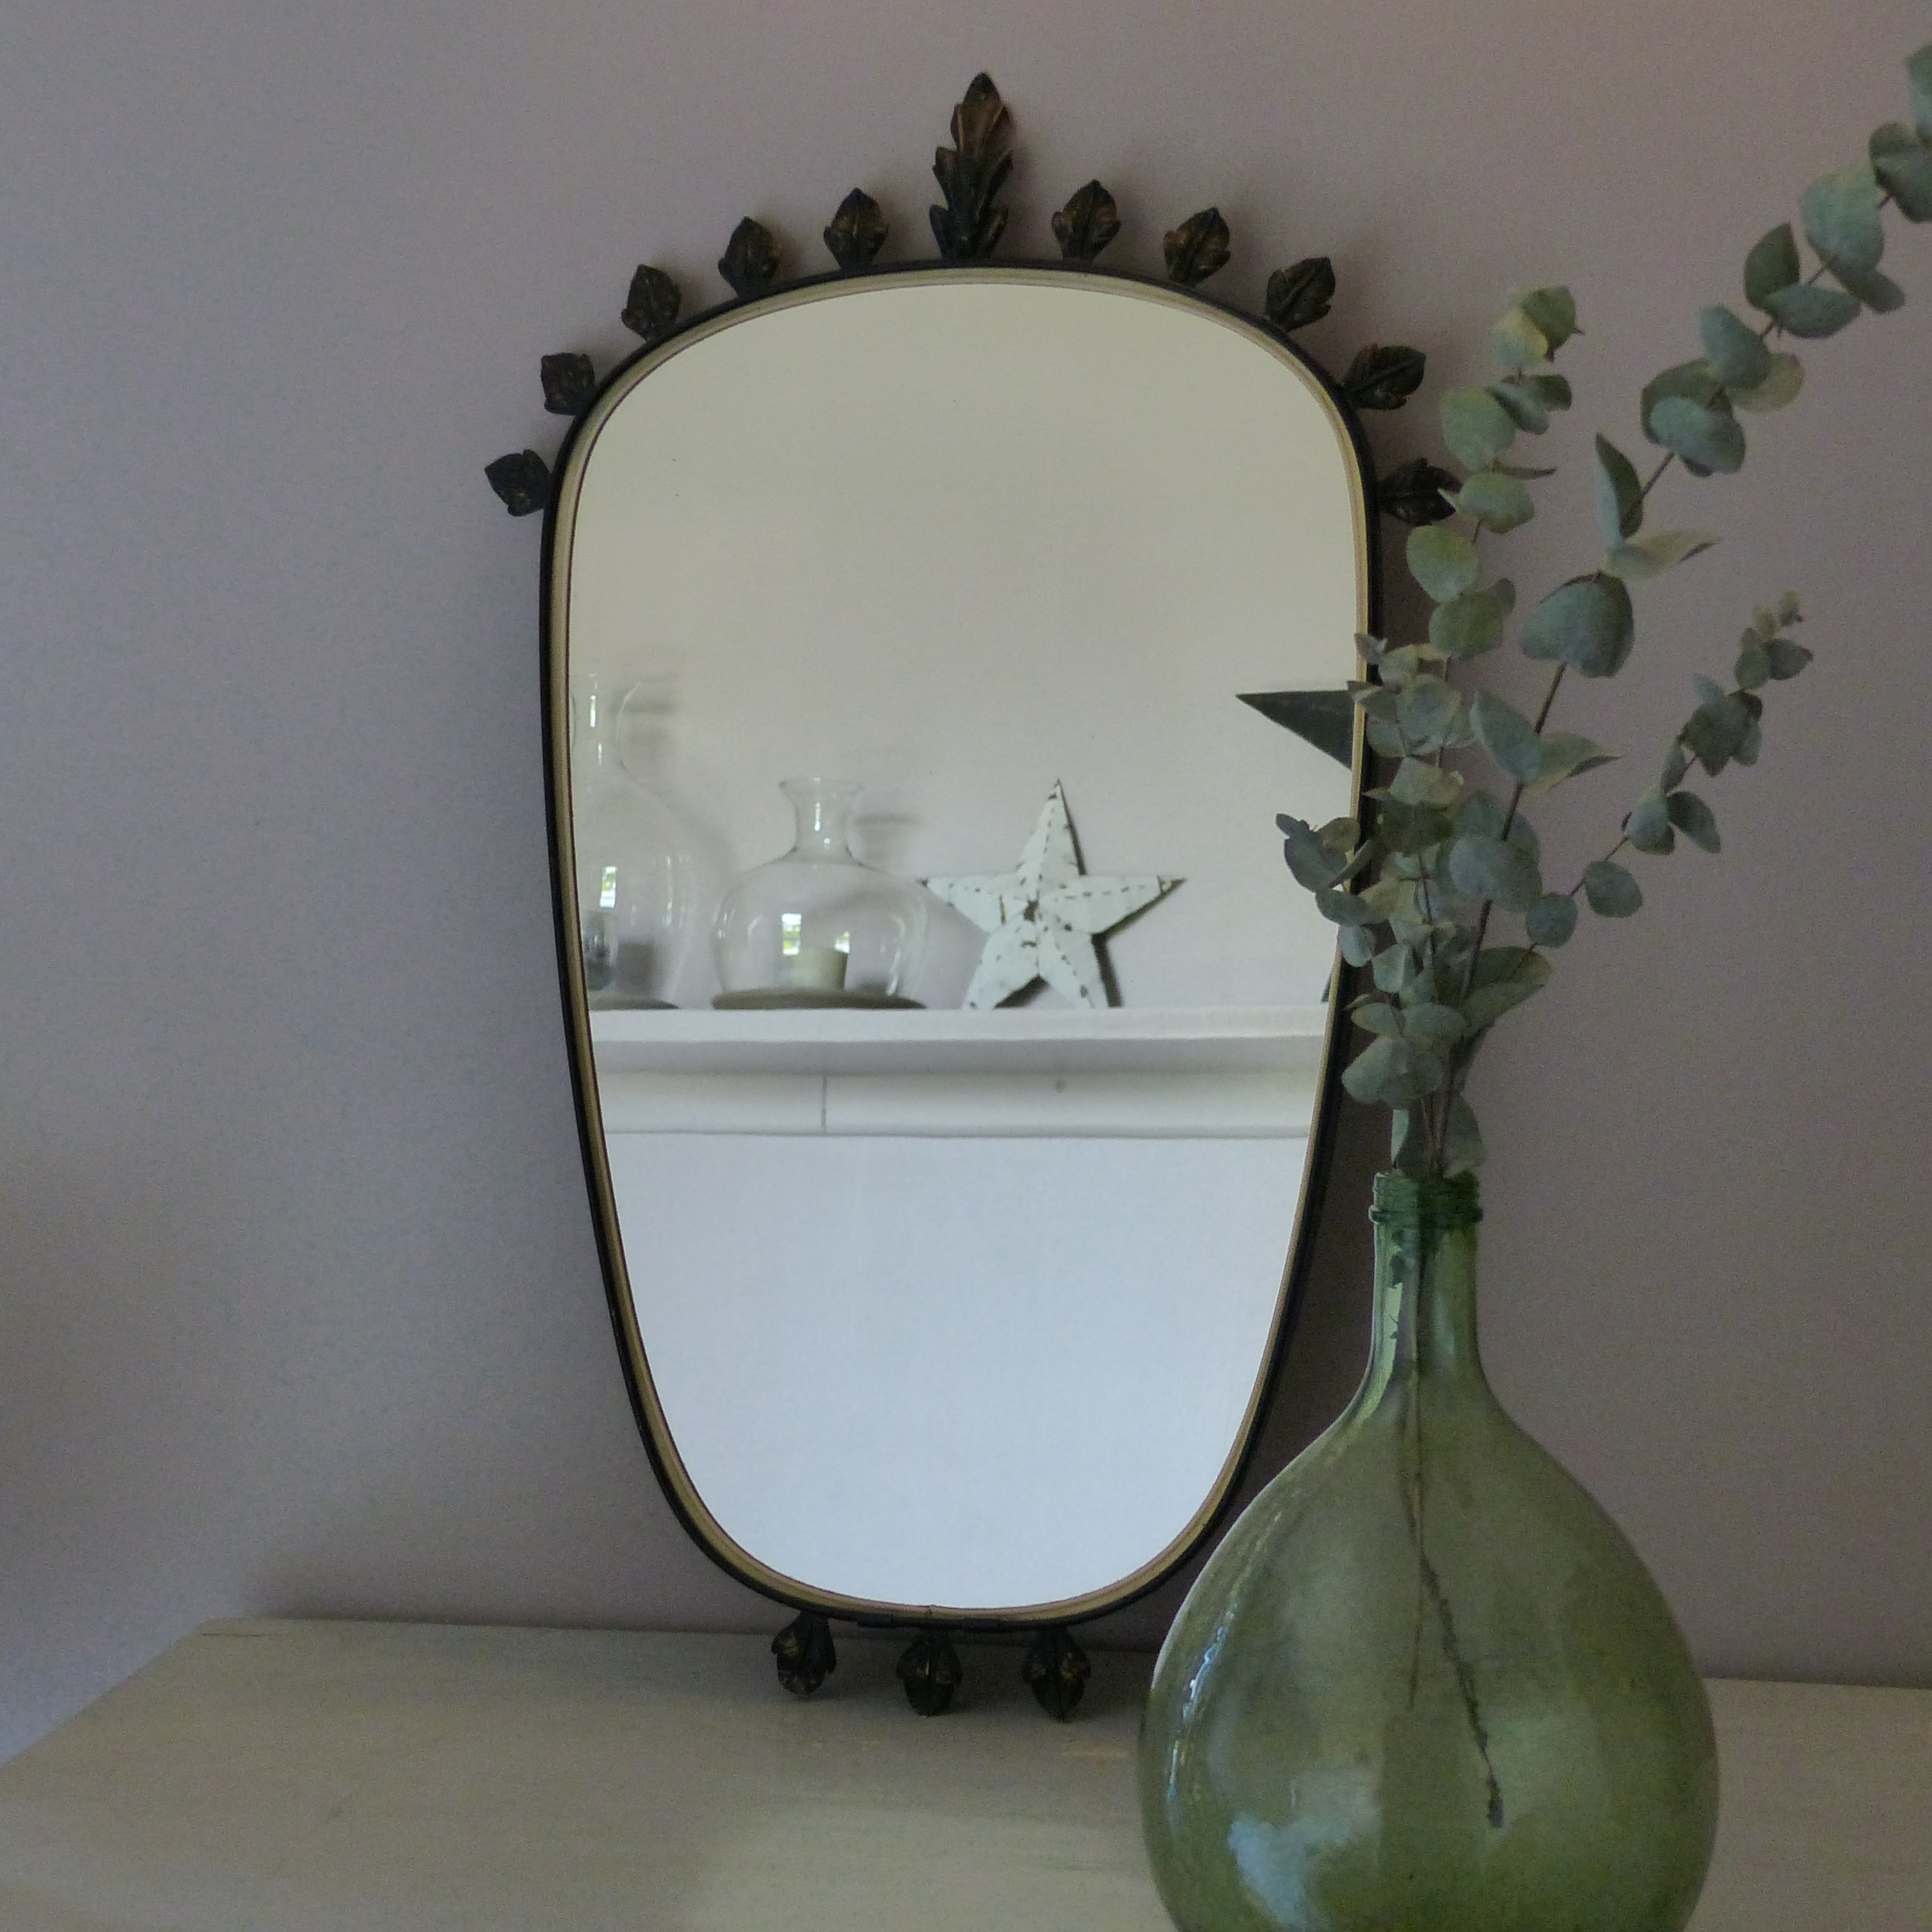 miroir r tro vintage lignedebrocante brocante en ligne chine pour vous meubles vintage et. Black Bedroom Furniture Sets. Home Design Ideas